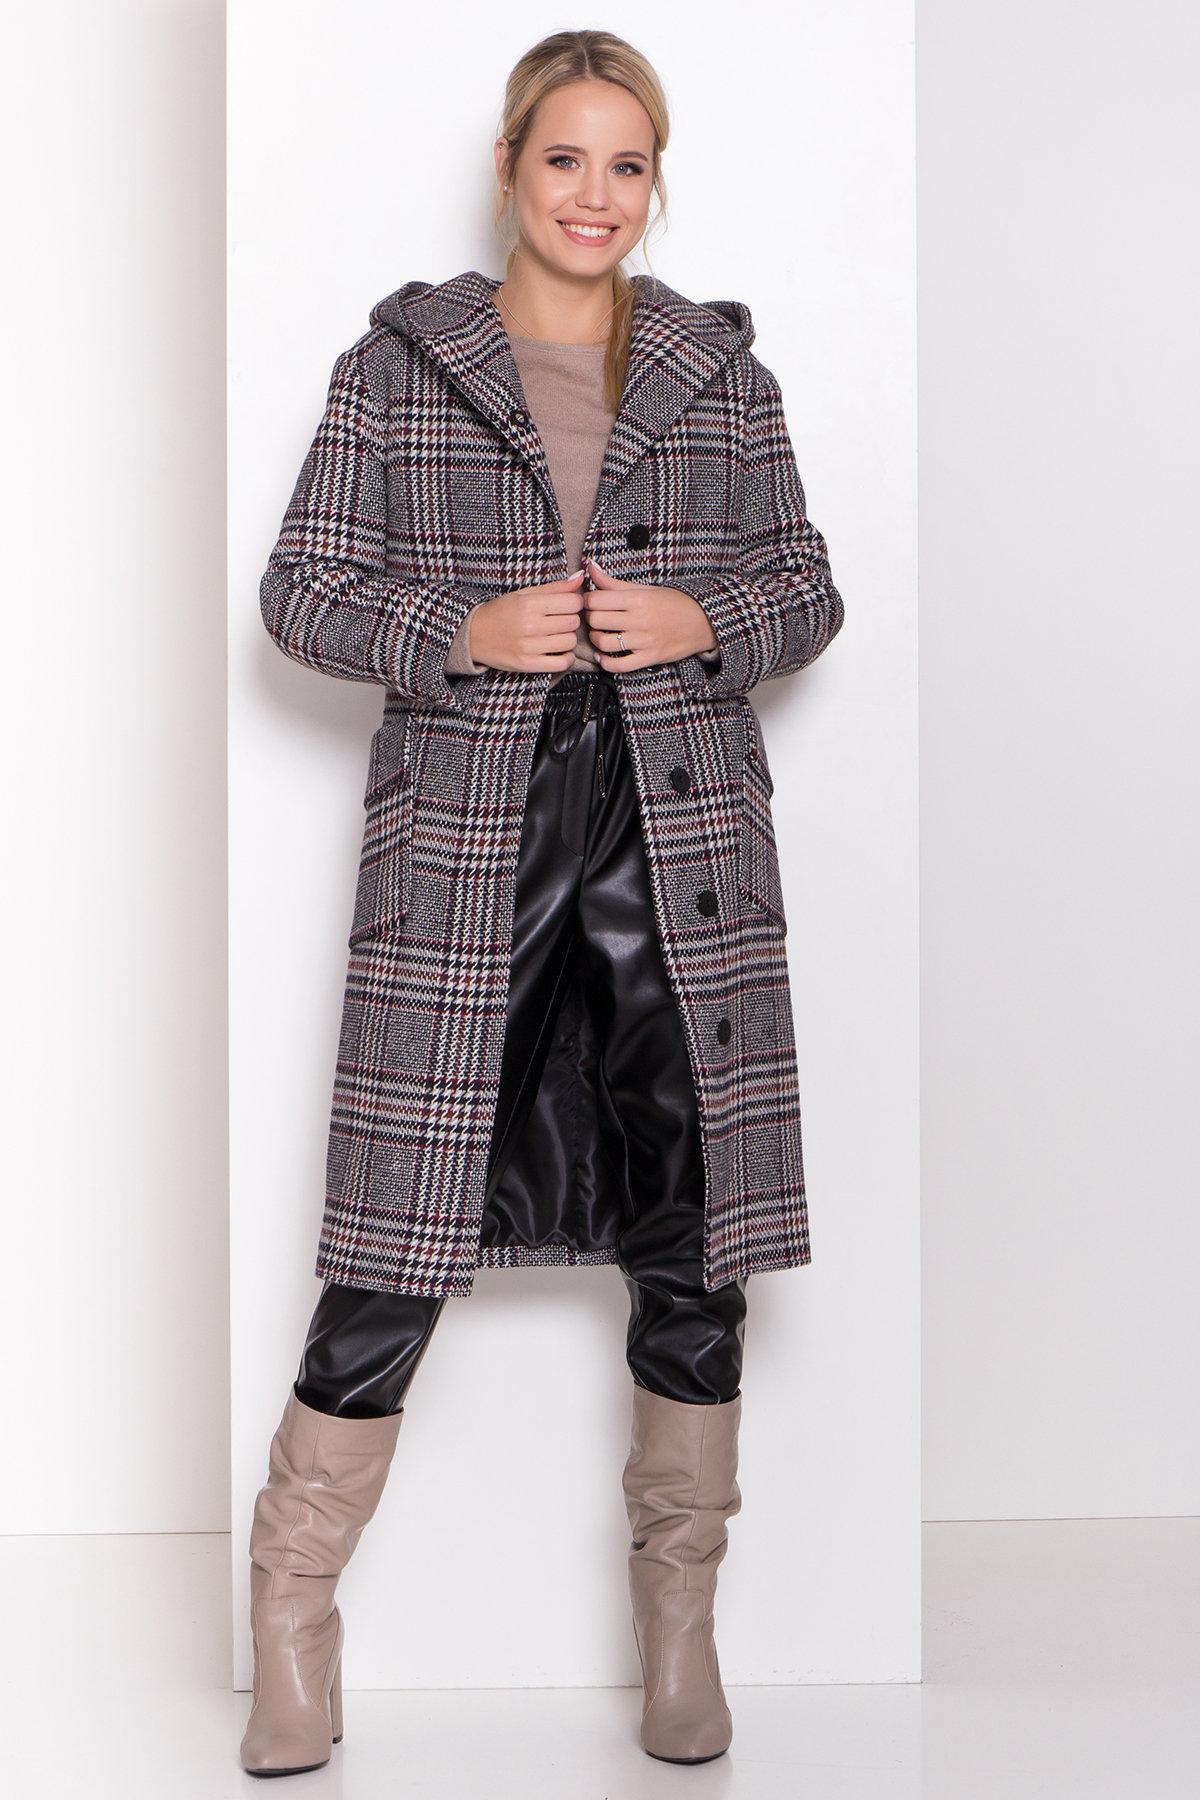 Зимнее пальто в стильную клетку Анджи 8276 АРТ. 44724 Цвет: Клетка кр черн/сер/вин - фото 4, интернет магазин tm-modus.ru